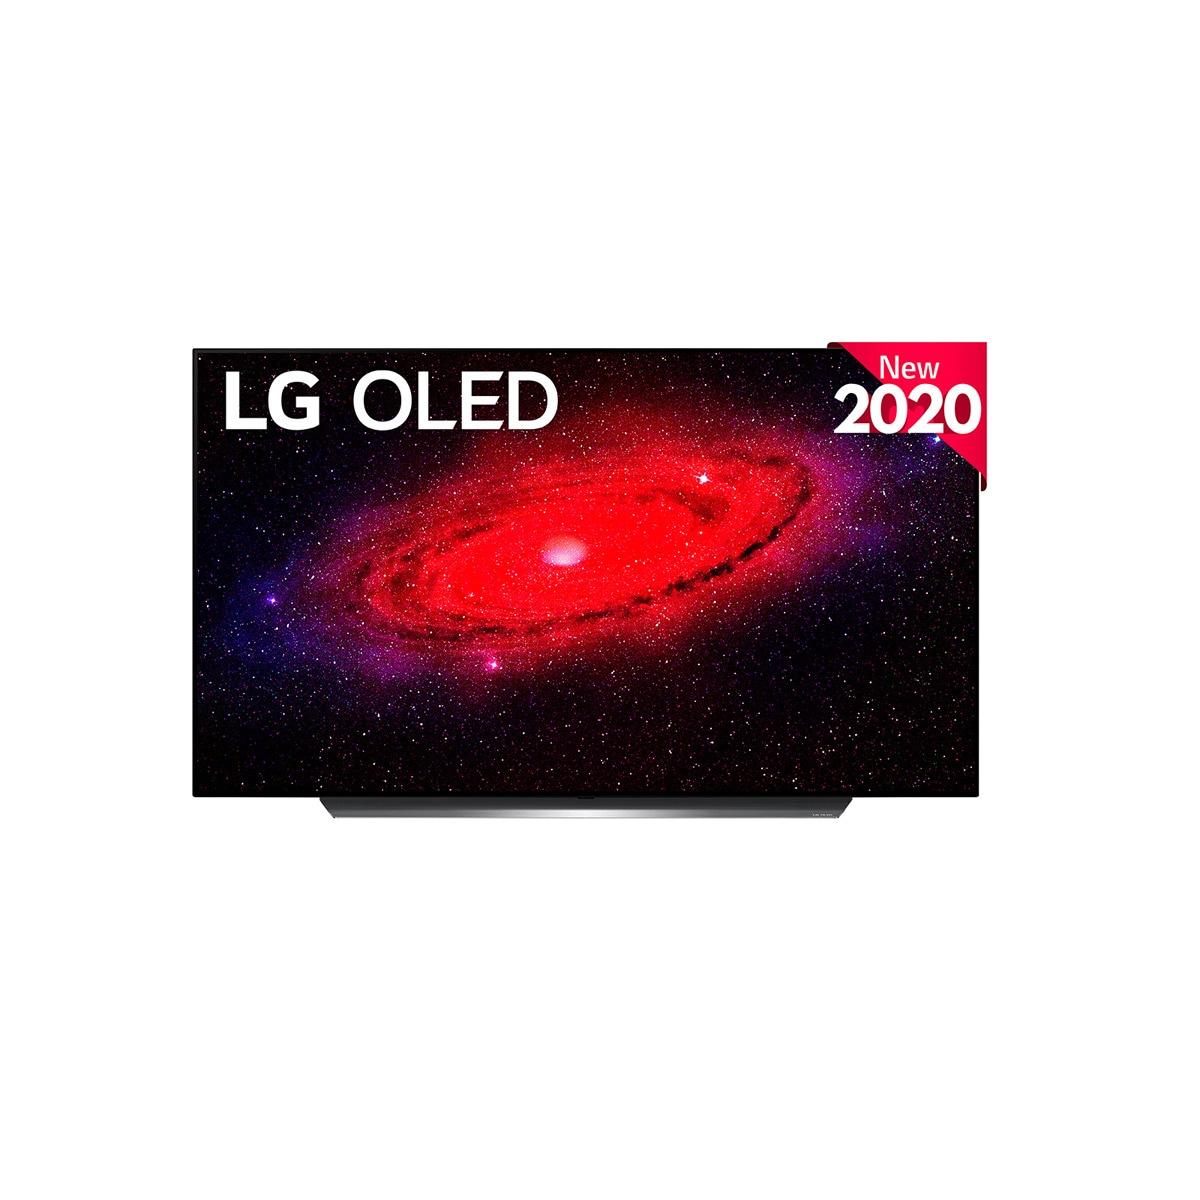 """TV LG OLED55CX6LA OLED 55"""" 4K con inteligencia artificial LG ThinQ AI, compatible con el 100% de formatos HDR, sonido Dolby Atmos y experiencia Gaming Ultimate gracias a NVIDIA G-SYNC y HDMI 2.1 8K input"""